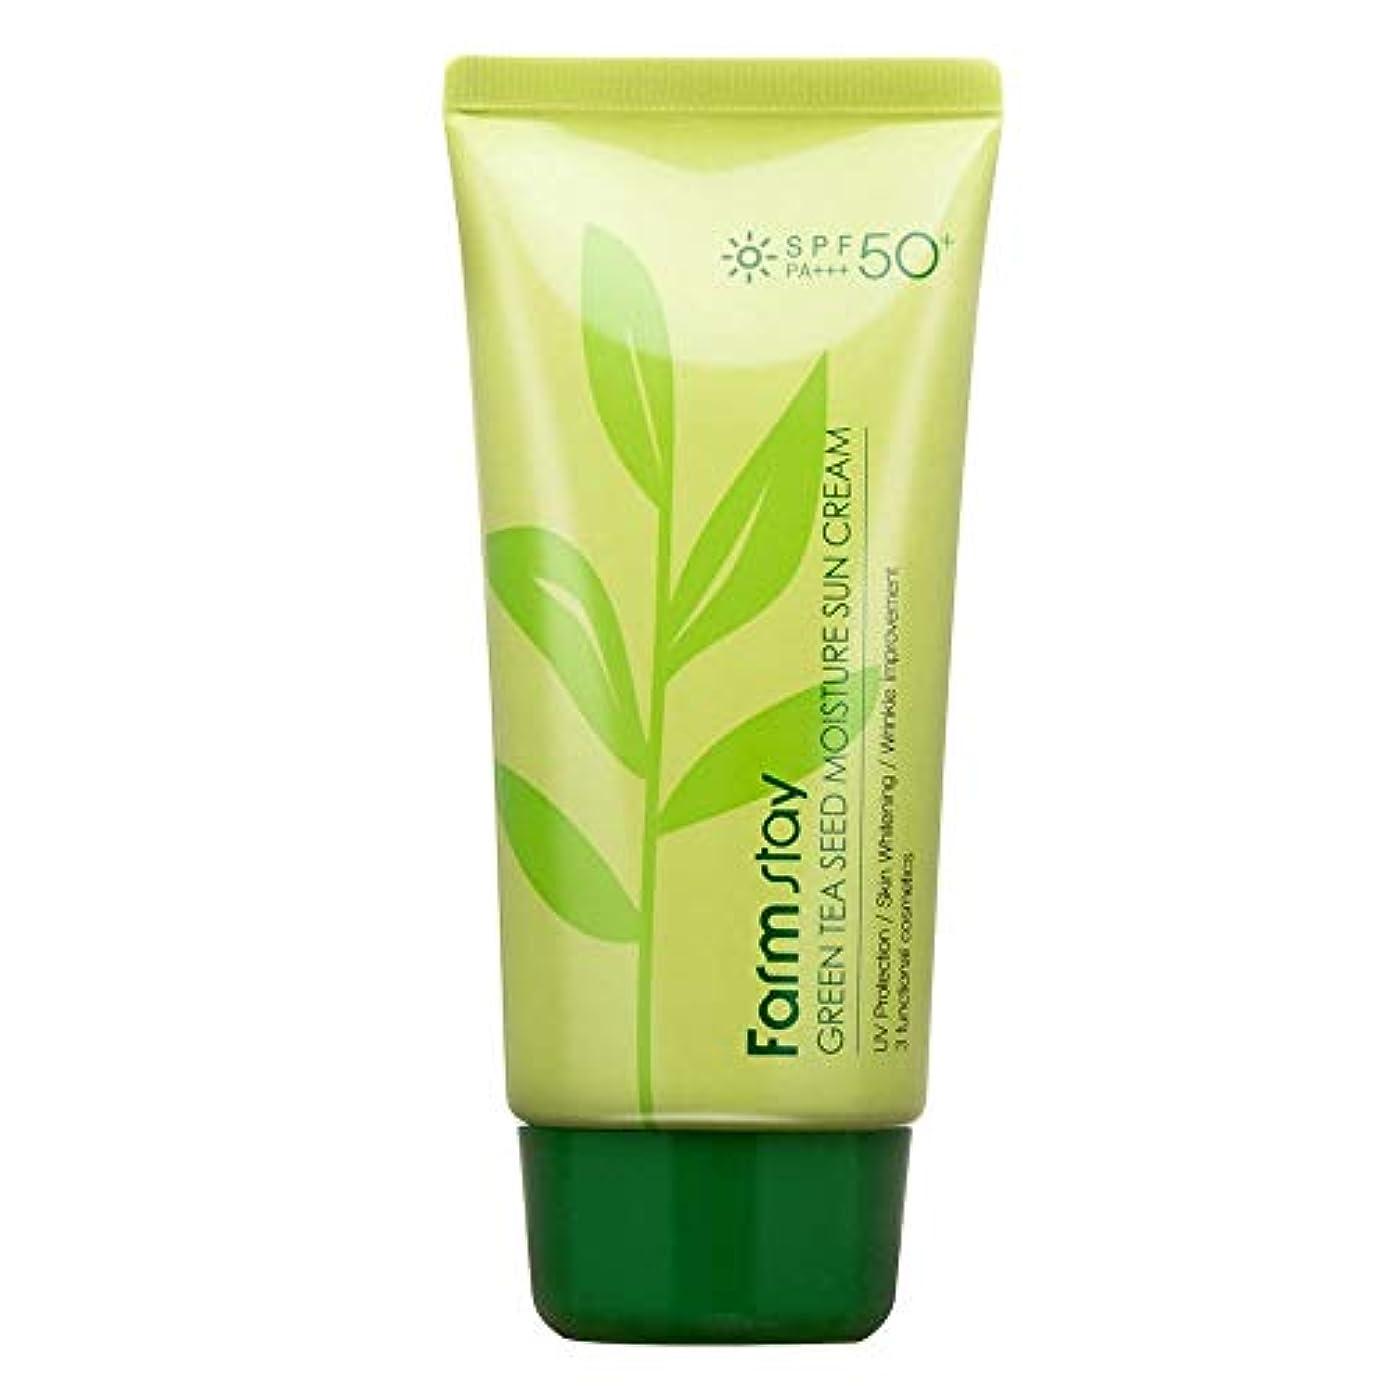 マディソンバイソン扇動するファームステイ[Farm Stay] グリーンティーシードモイスチャーサンクリーム 70g (美白&しわ防止) / Green Tea Seed Moisture Sun Cream